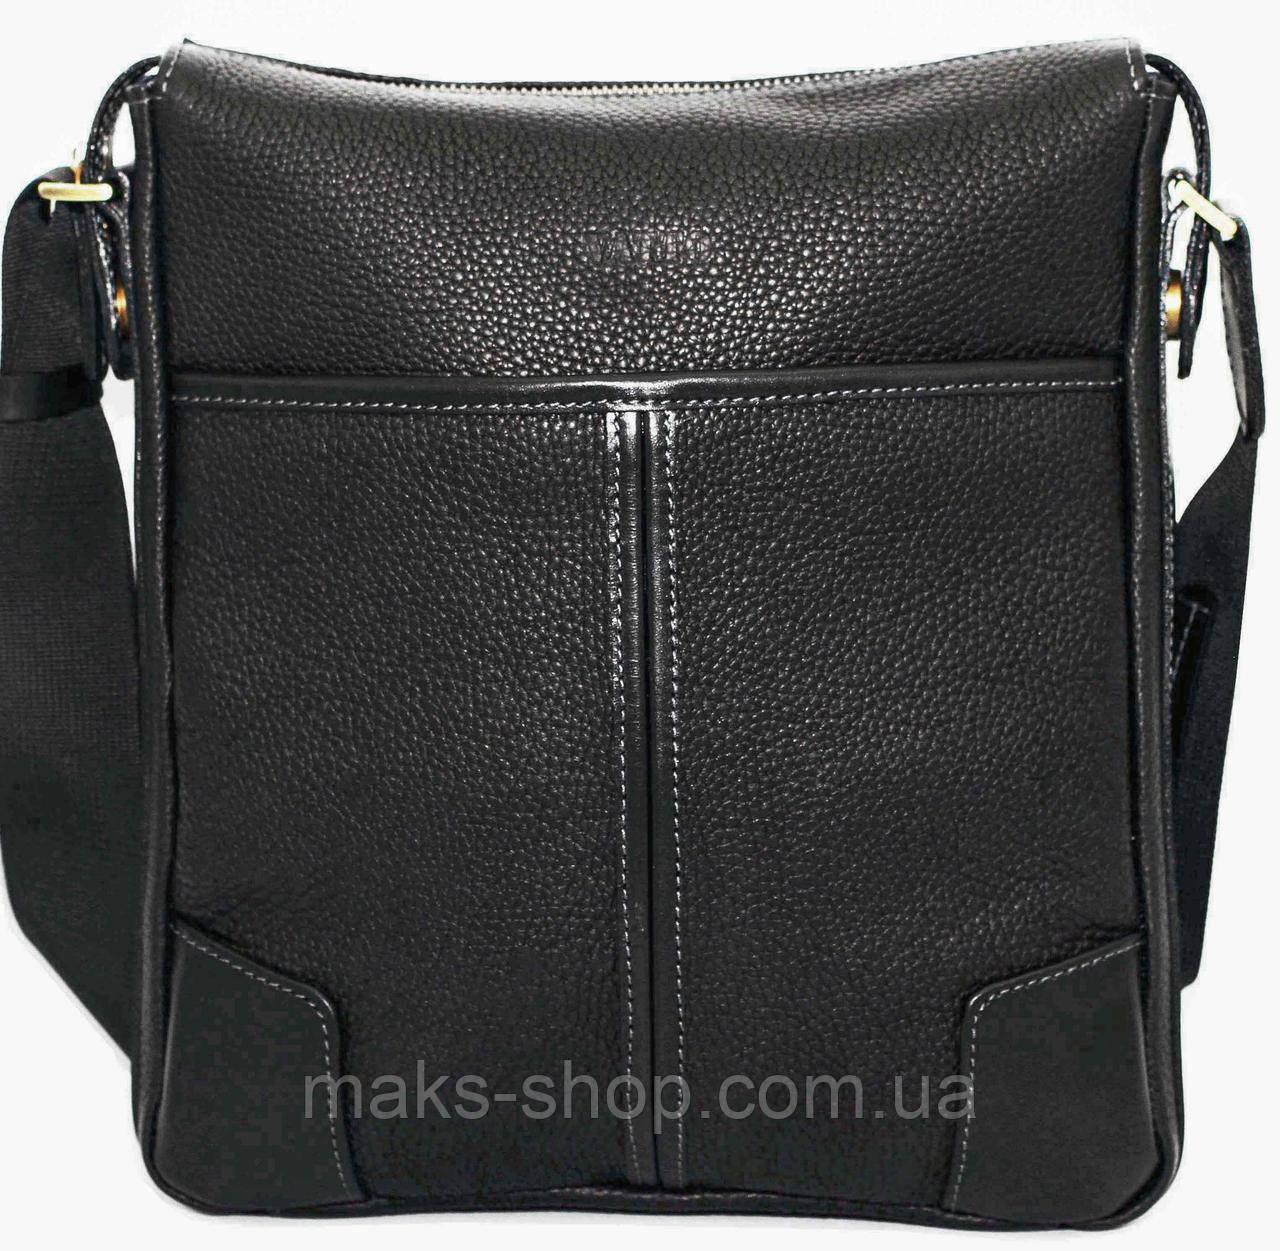 a3f120e72bd0 Современная мужская сумка выполнена из натуральной кожи VATTO Mk10 F8Kaz1 -  Maks Shop- надежный и